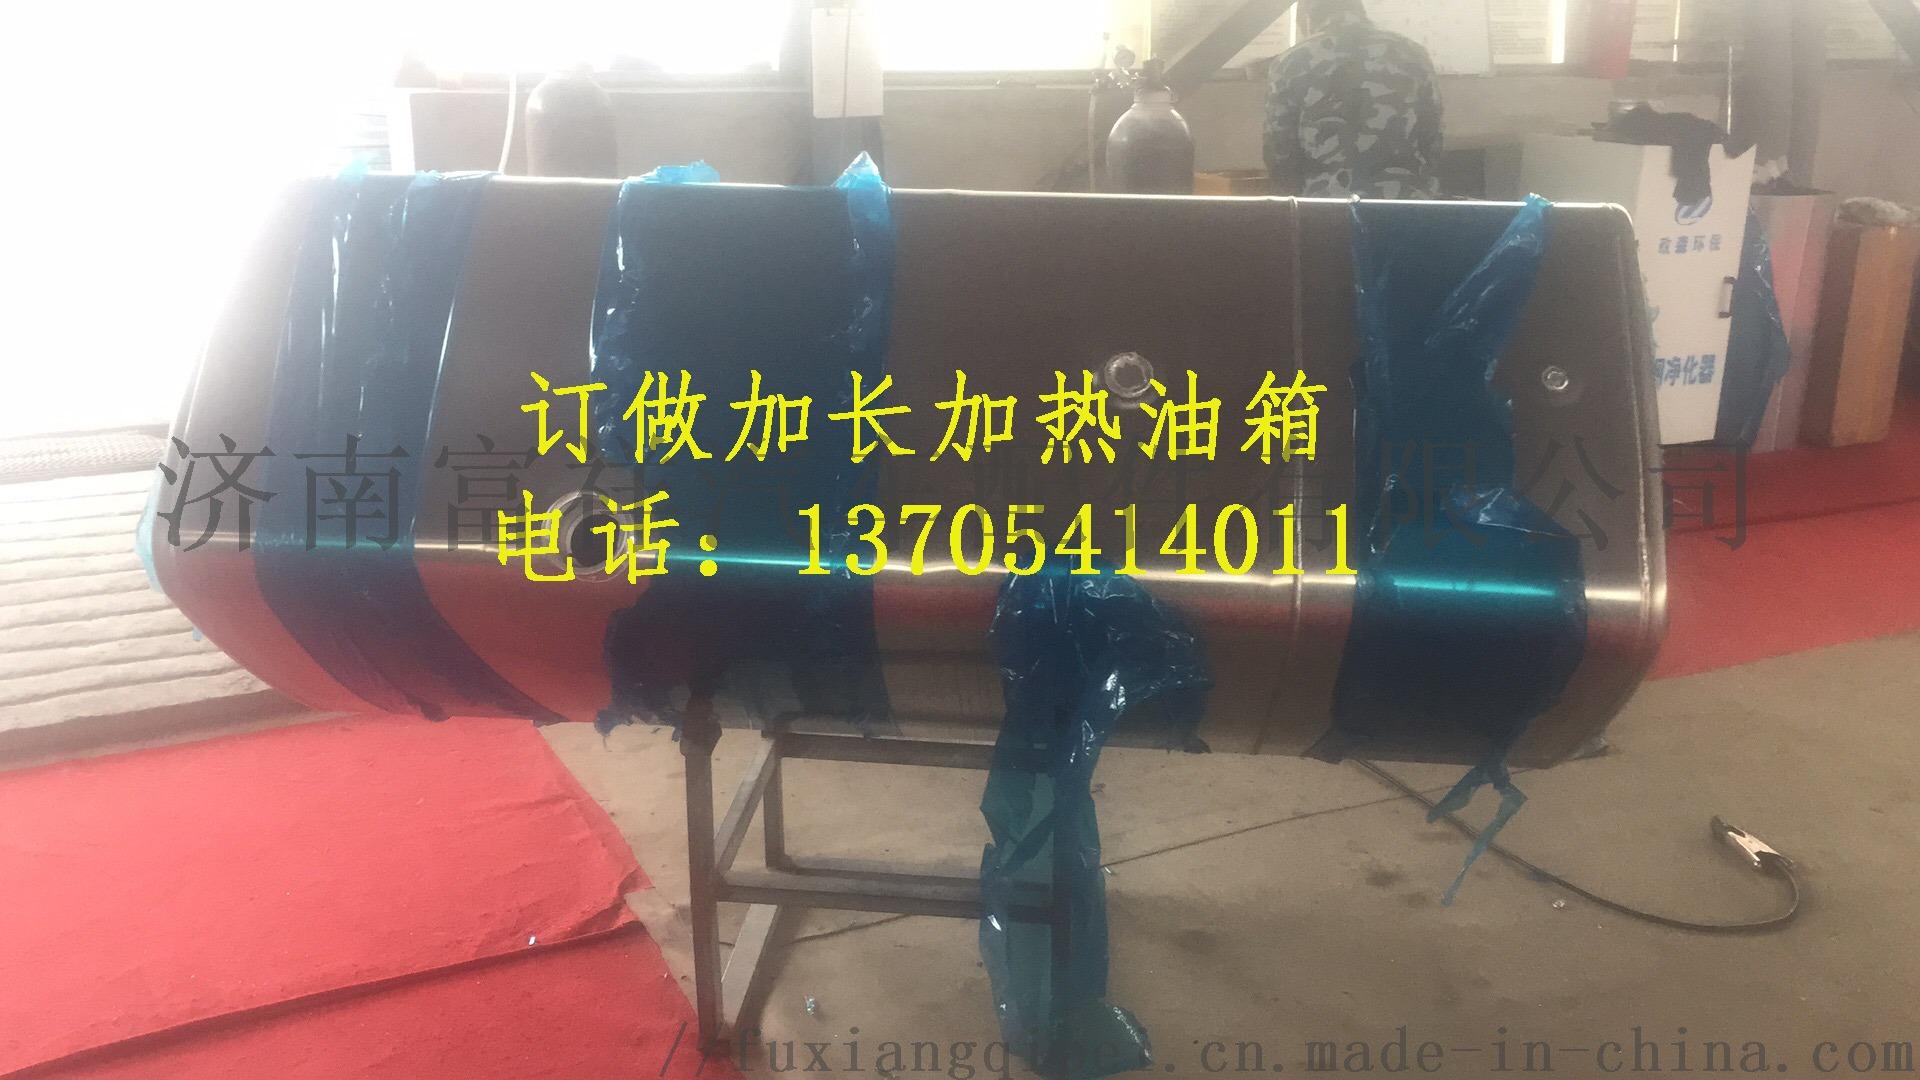 铝合金油箱 WG972555001874711532